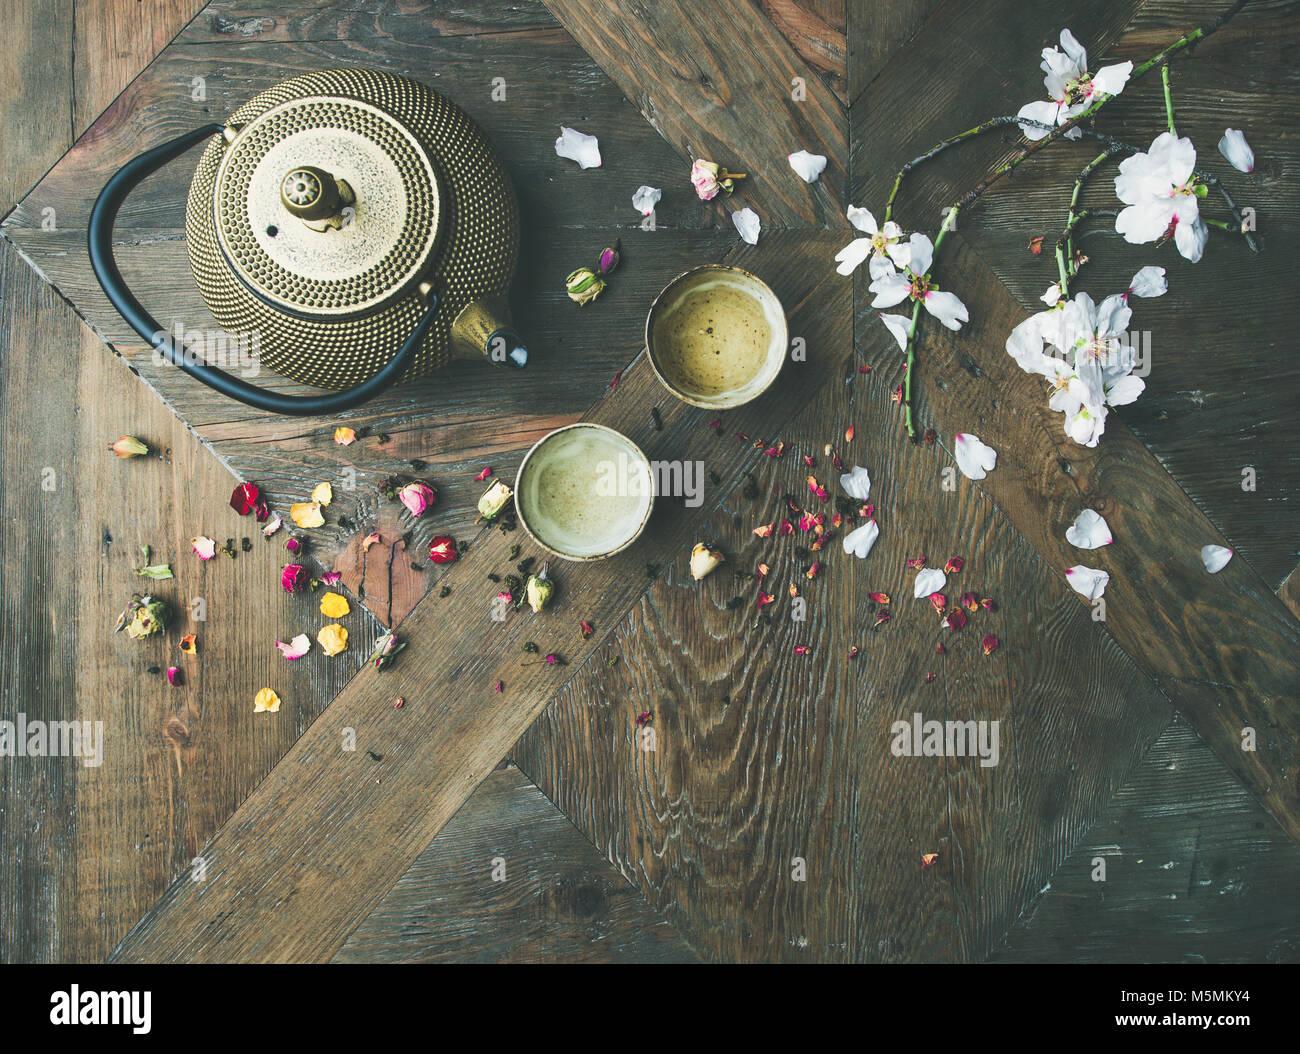 Piatto di laici tradizionali asiatici della cerimonia del tè disposizione, spazio di copia Immagini Stock